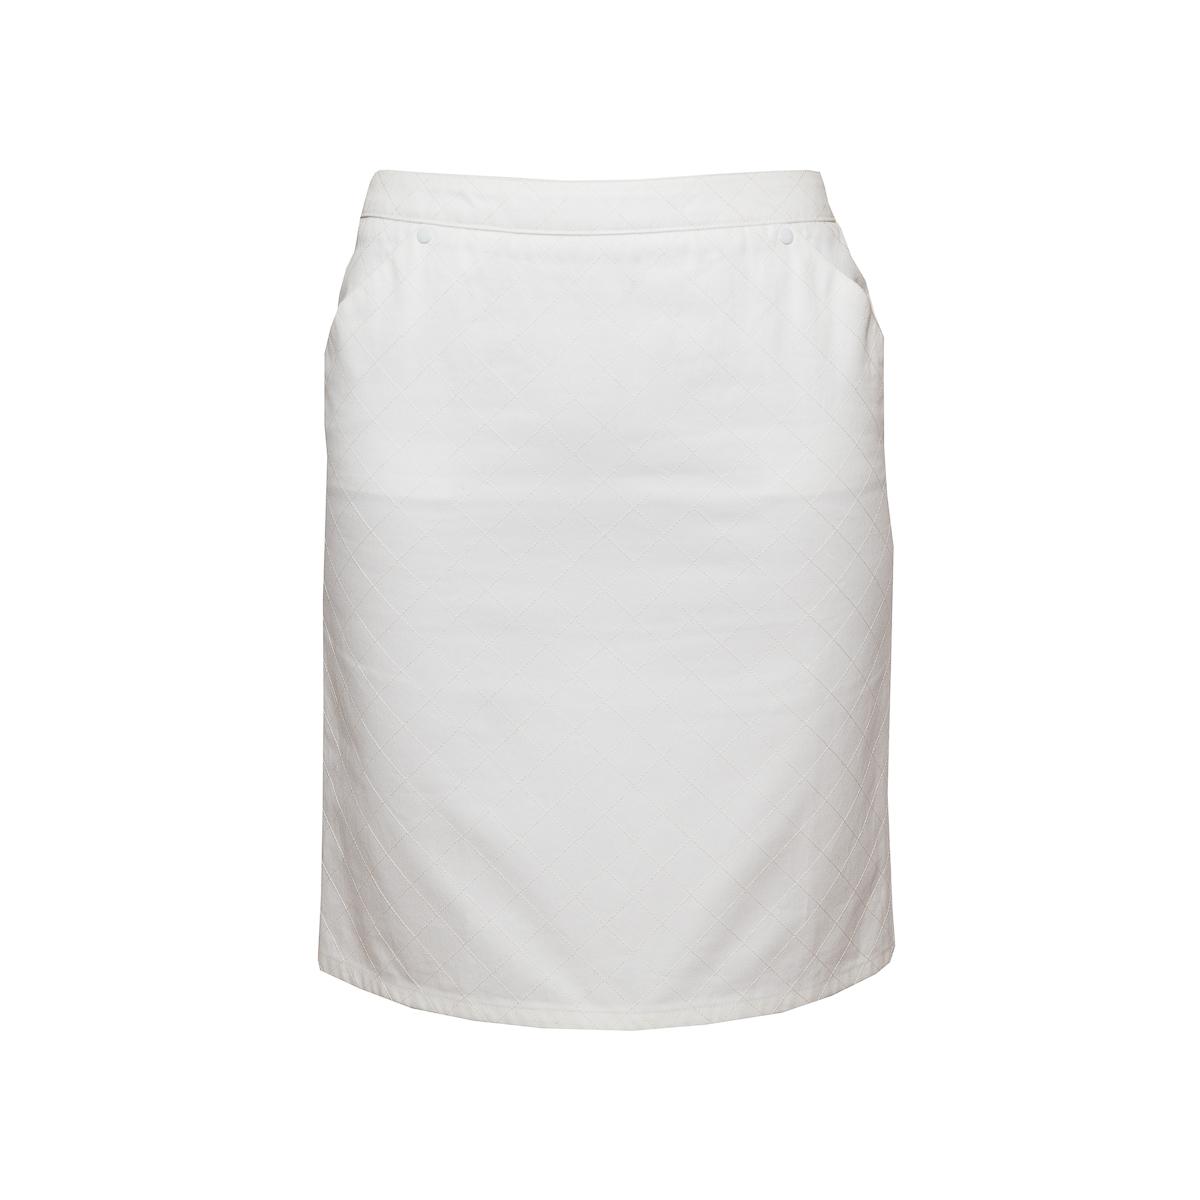 Стильная юбка из хлопка белого цвета от Chanel, 38 размер.